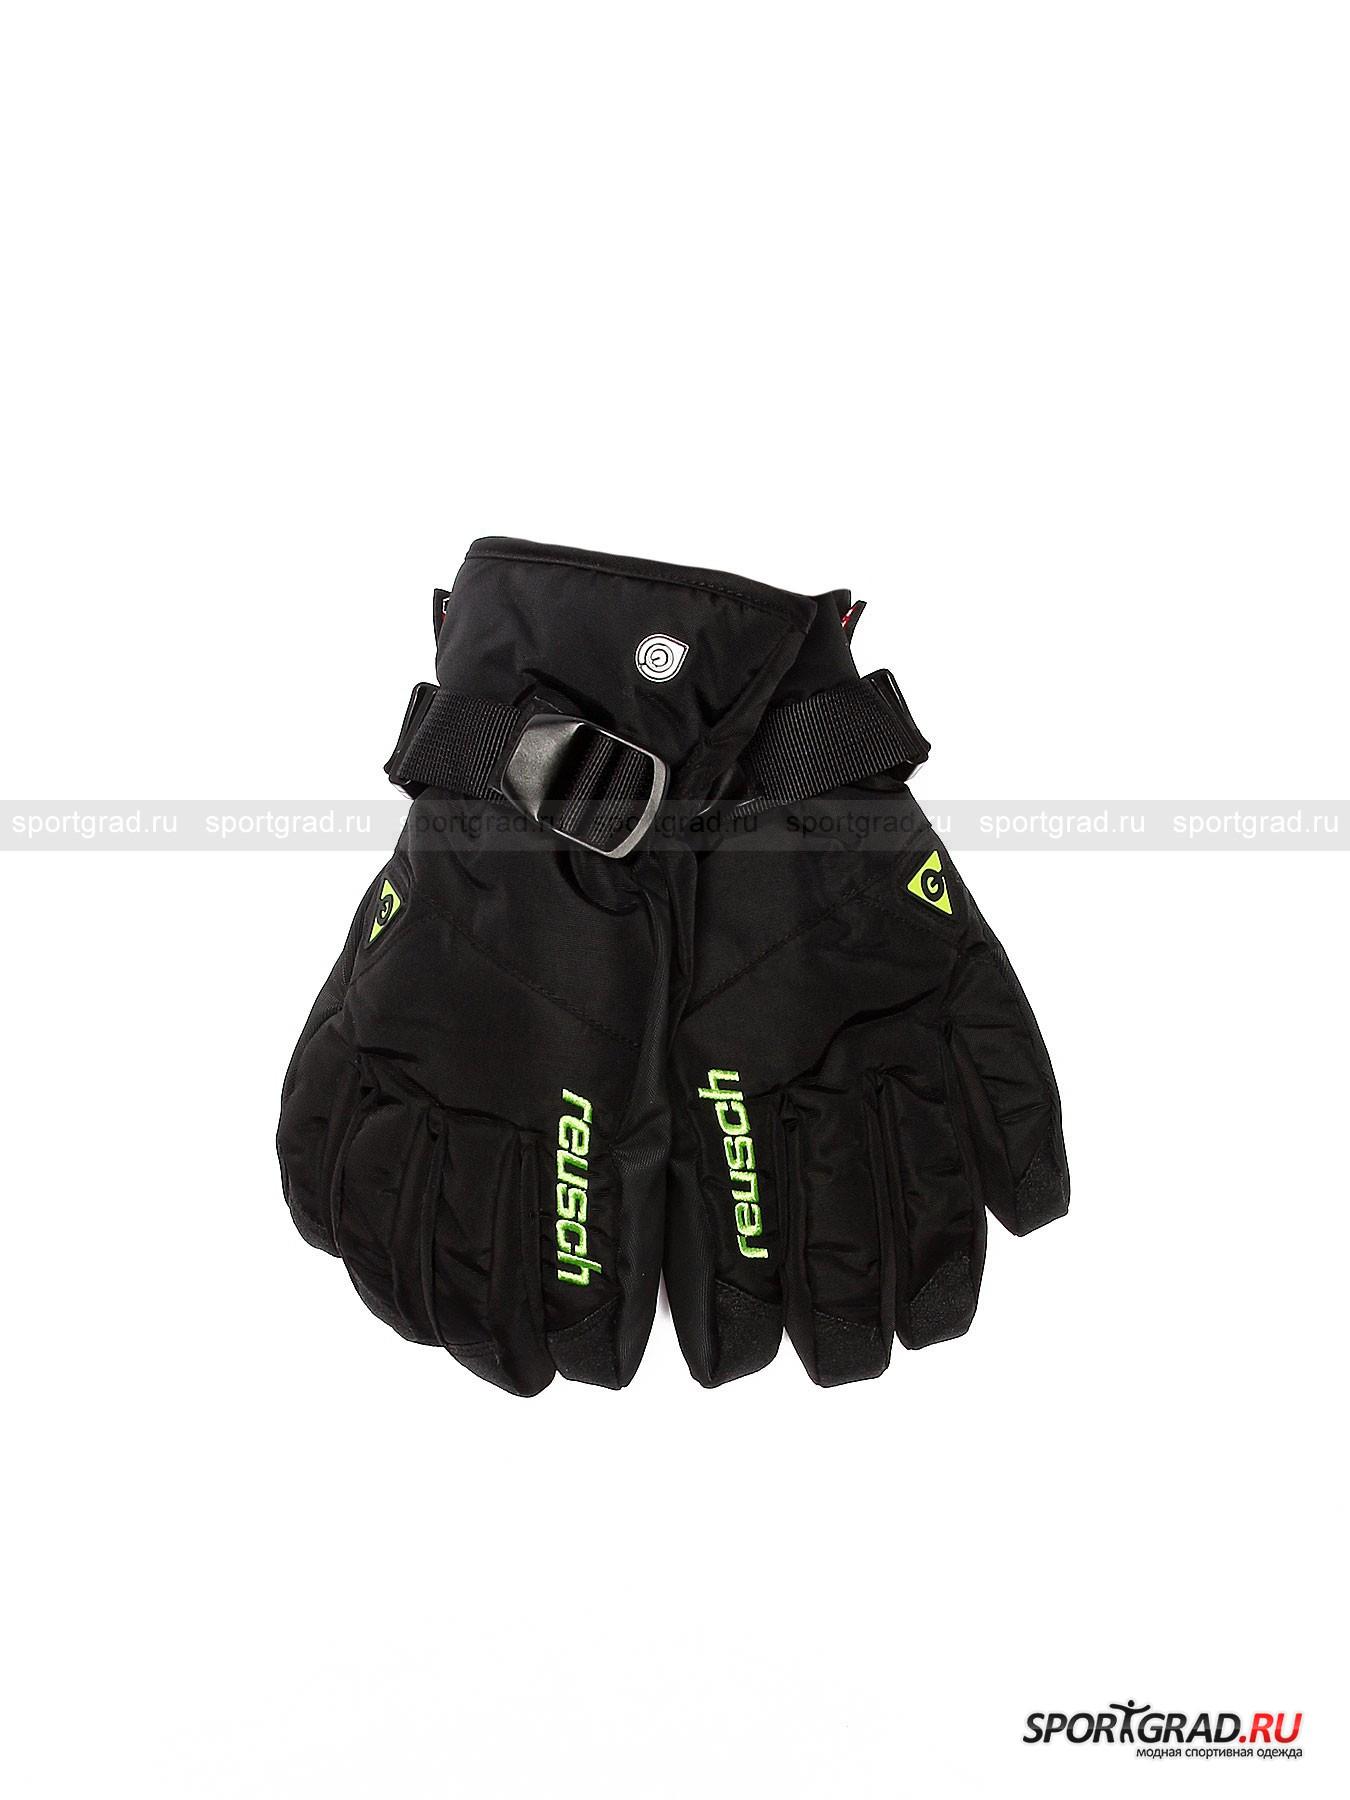 Перчатки горнолыжные мужские Nosepress R-TEX® XT от Спортград